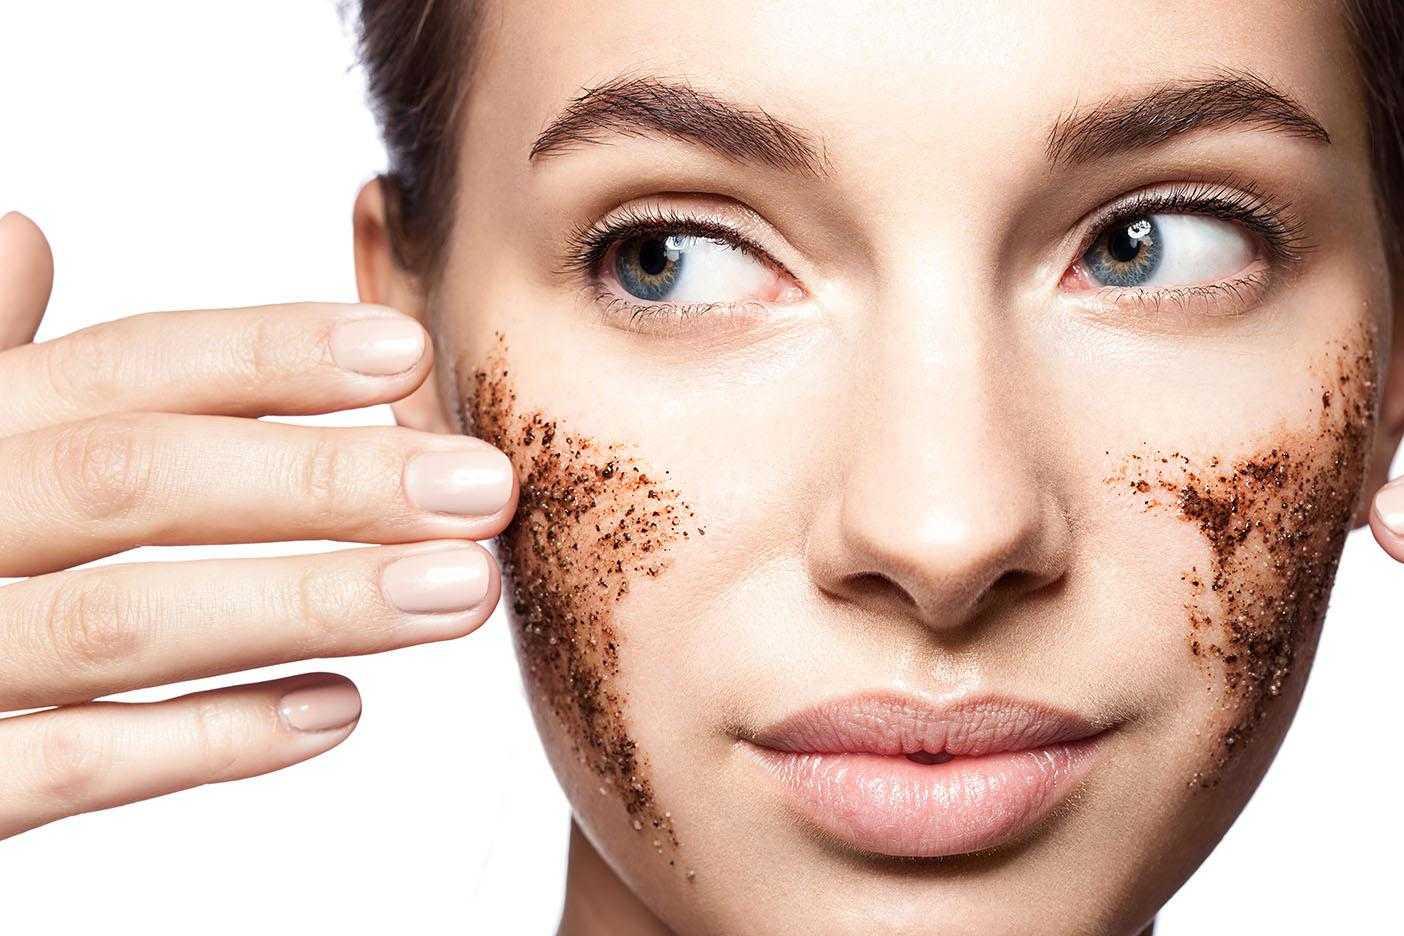 Привычные очищающие продукты (мыло, гель для душа и др) не всегда справляются со своей задачей на 100%, поэтому представительницы прекрасного пола часто прибегают к помощи скрабов для тела